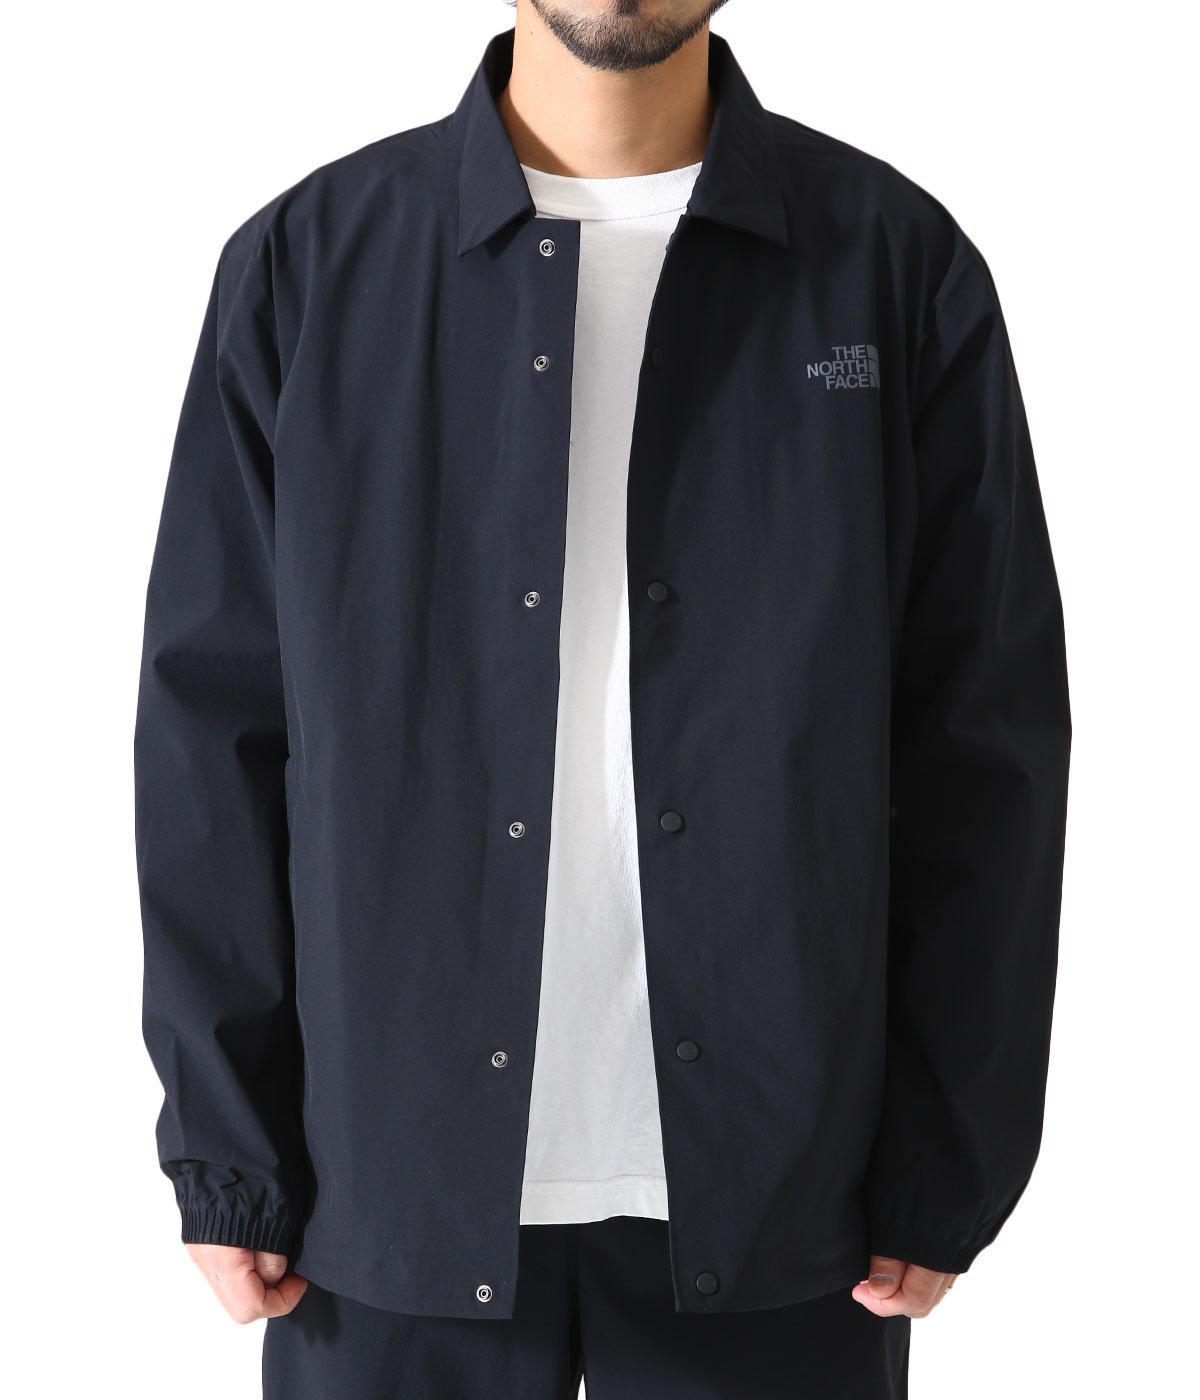 EXP-Parcel Coach Jacket